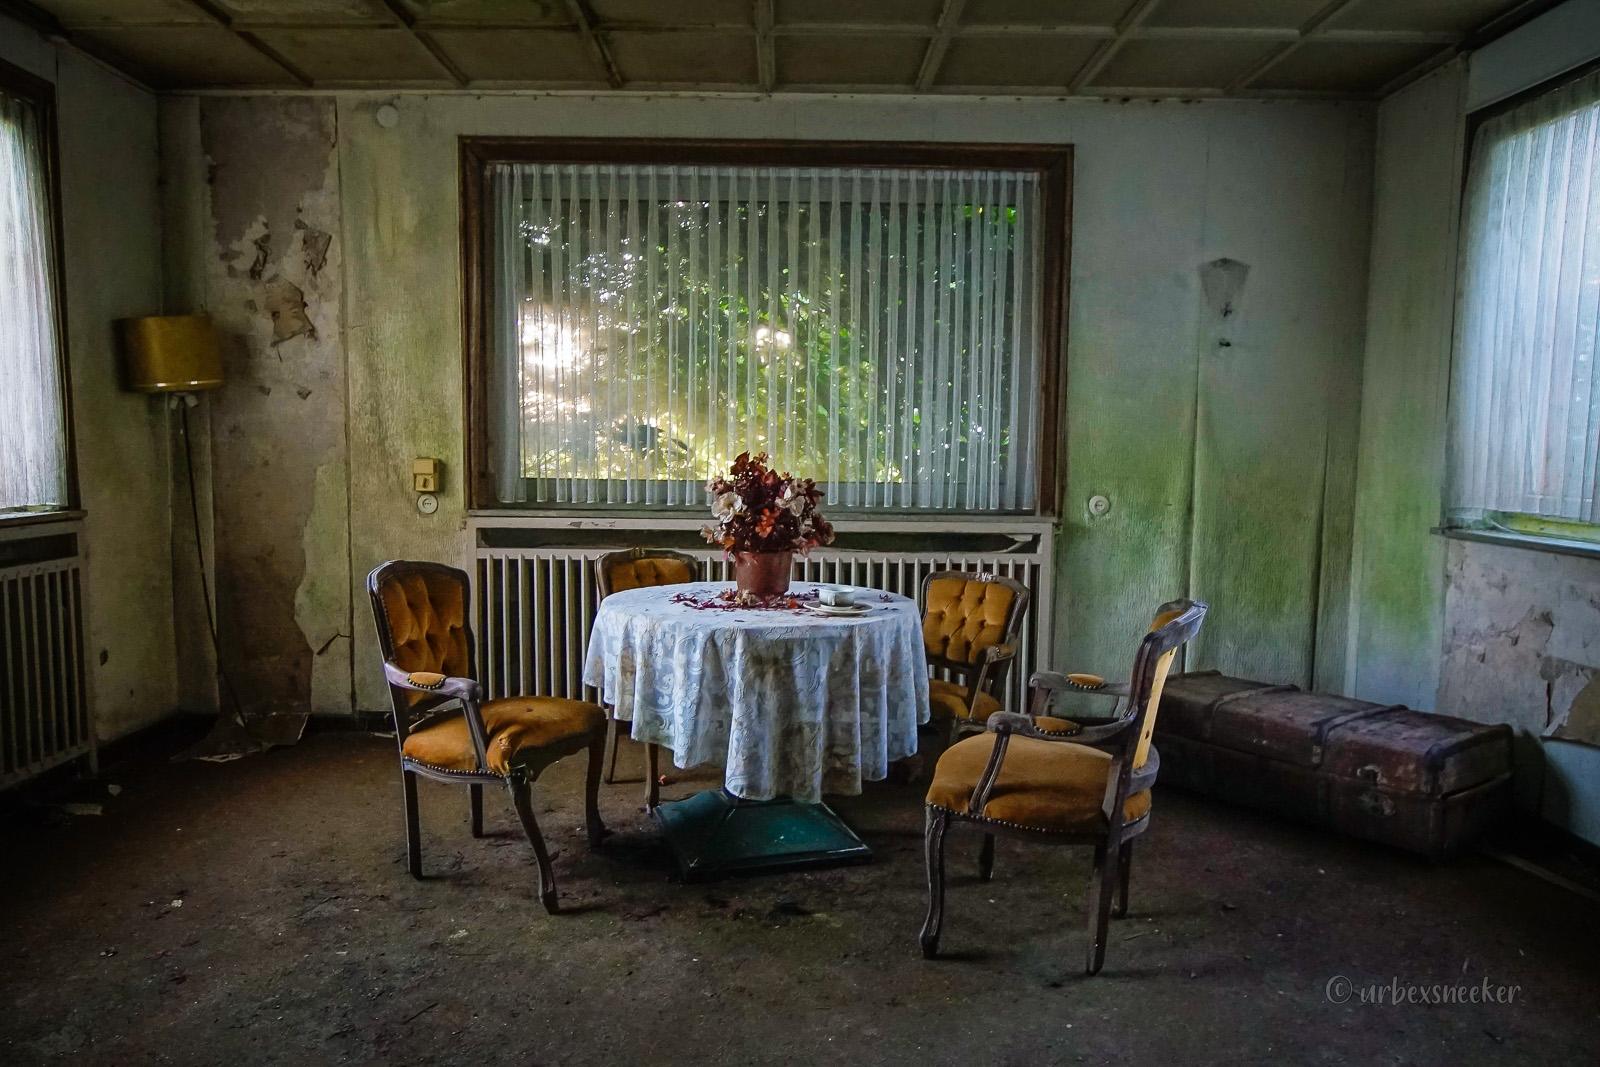 Das verlassene Budget- Hotel der gelben Stühle